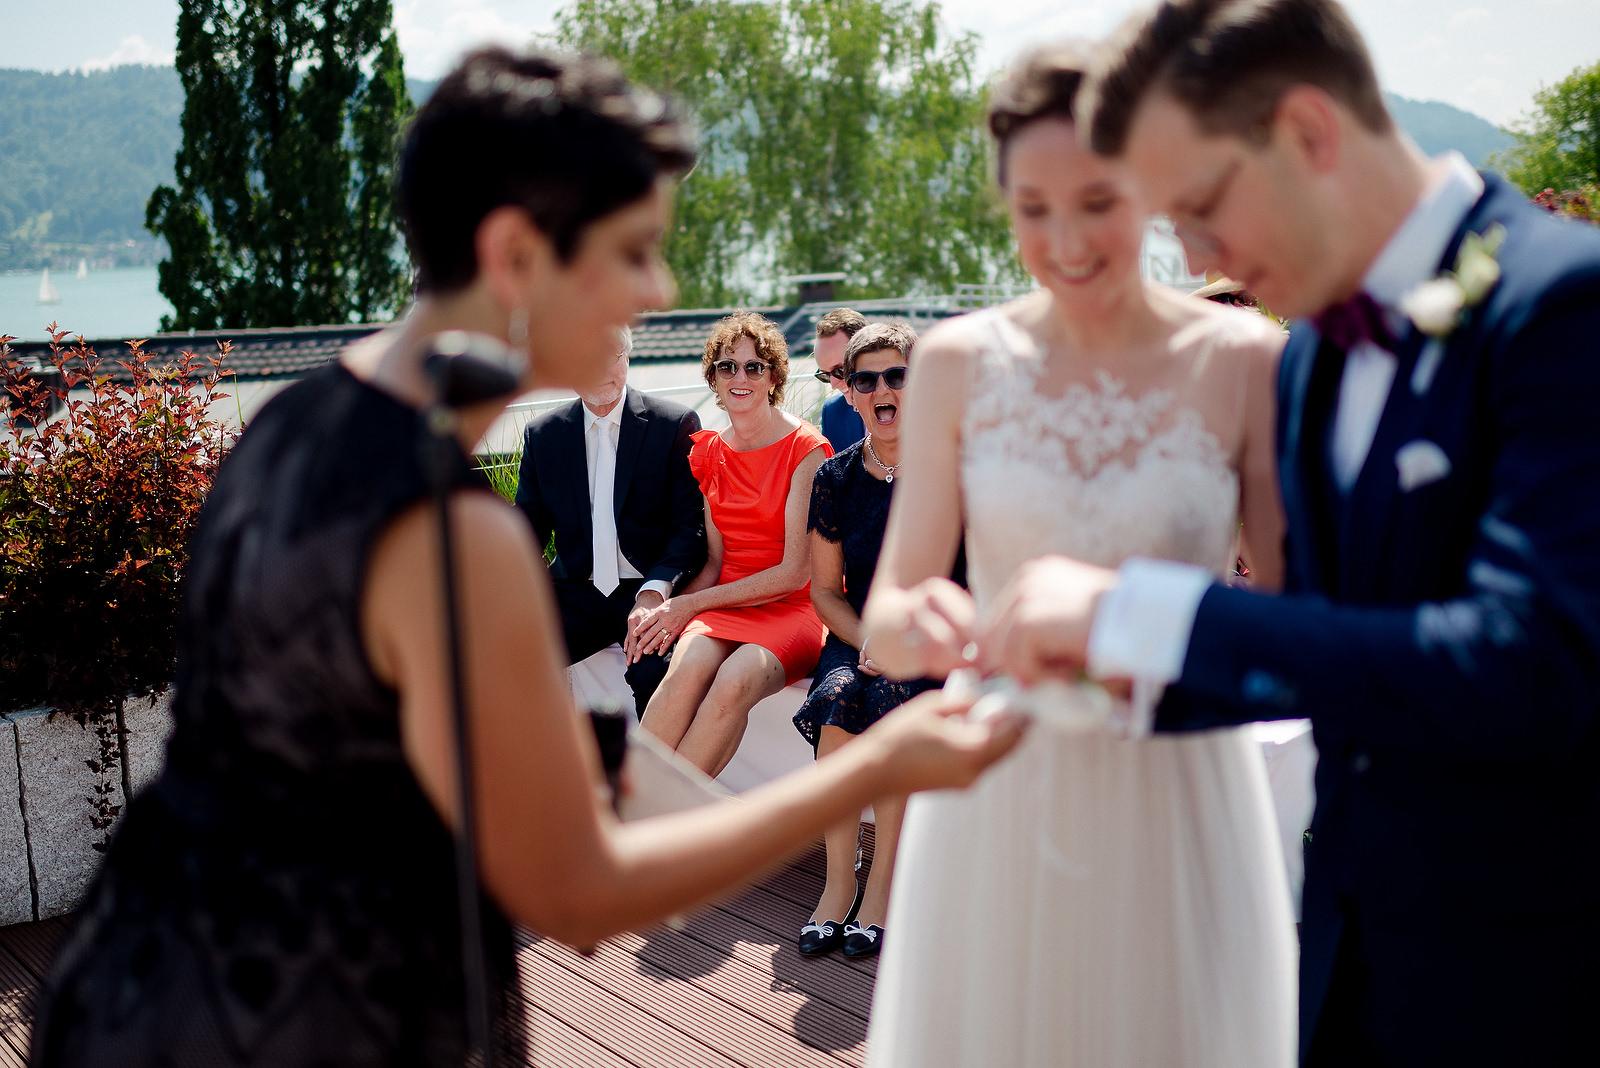 Fotograf Konstanz - Hochzeitsfotograf Bodensee Zollhaus Ludwigshafen Hochzeit Konstanz EFP 027 - Hochzeitsreportage im Zollhaus in Bodman-Ludwigshafen, Bodensee  - 160 -